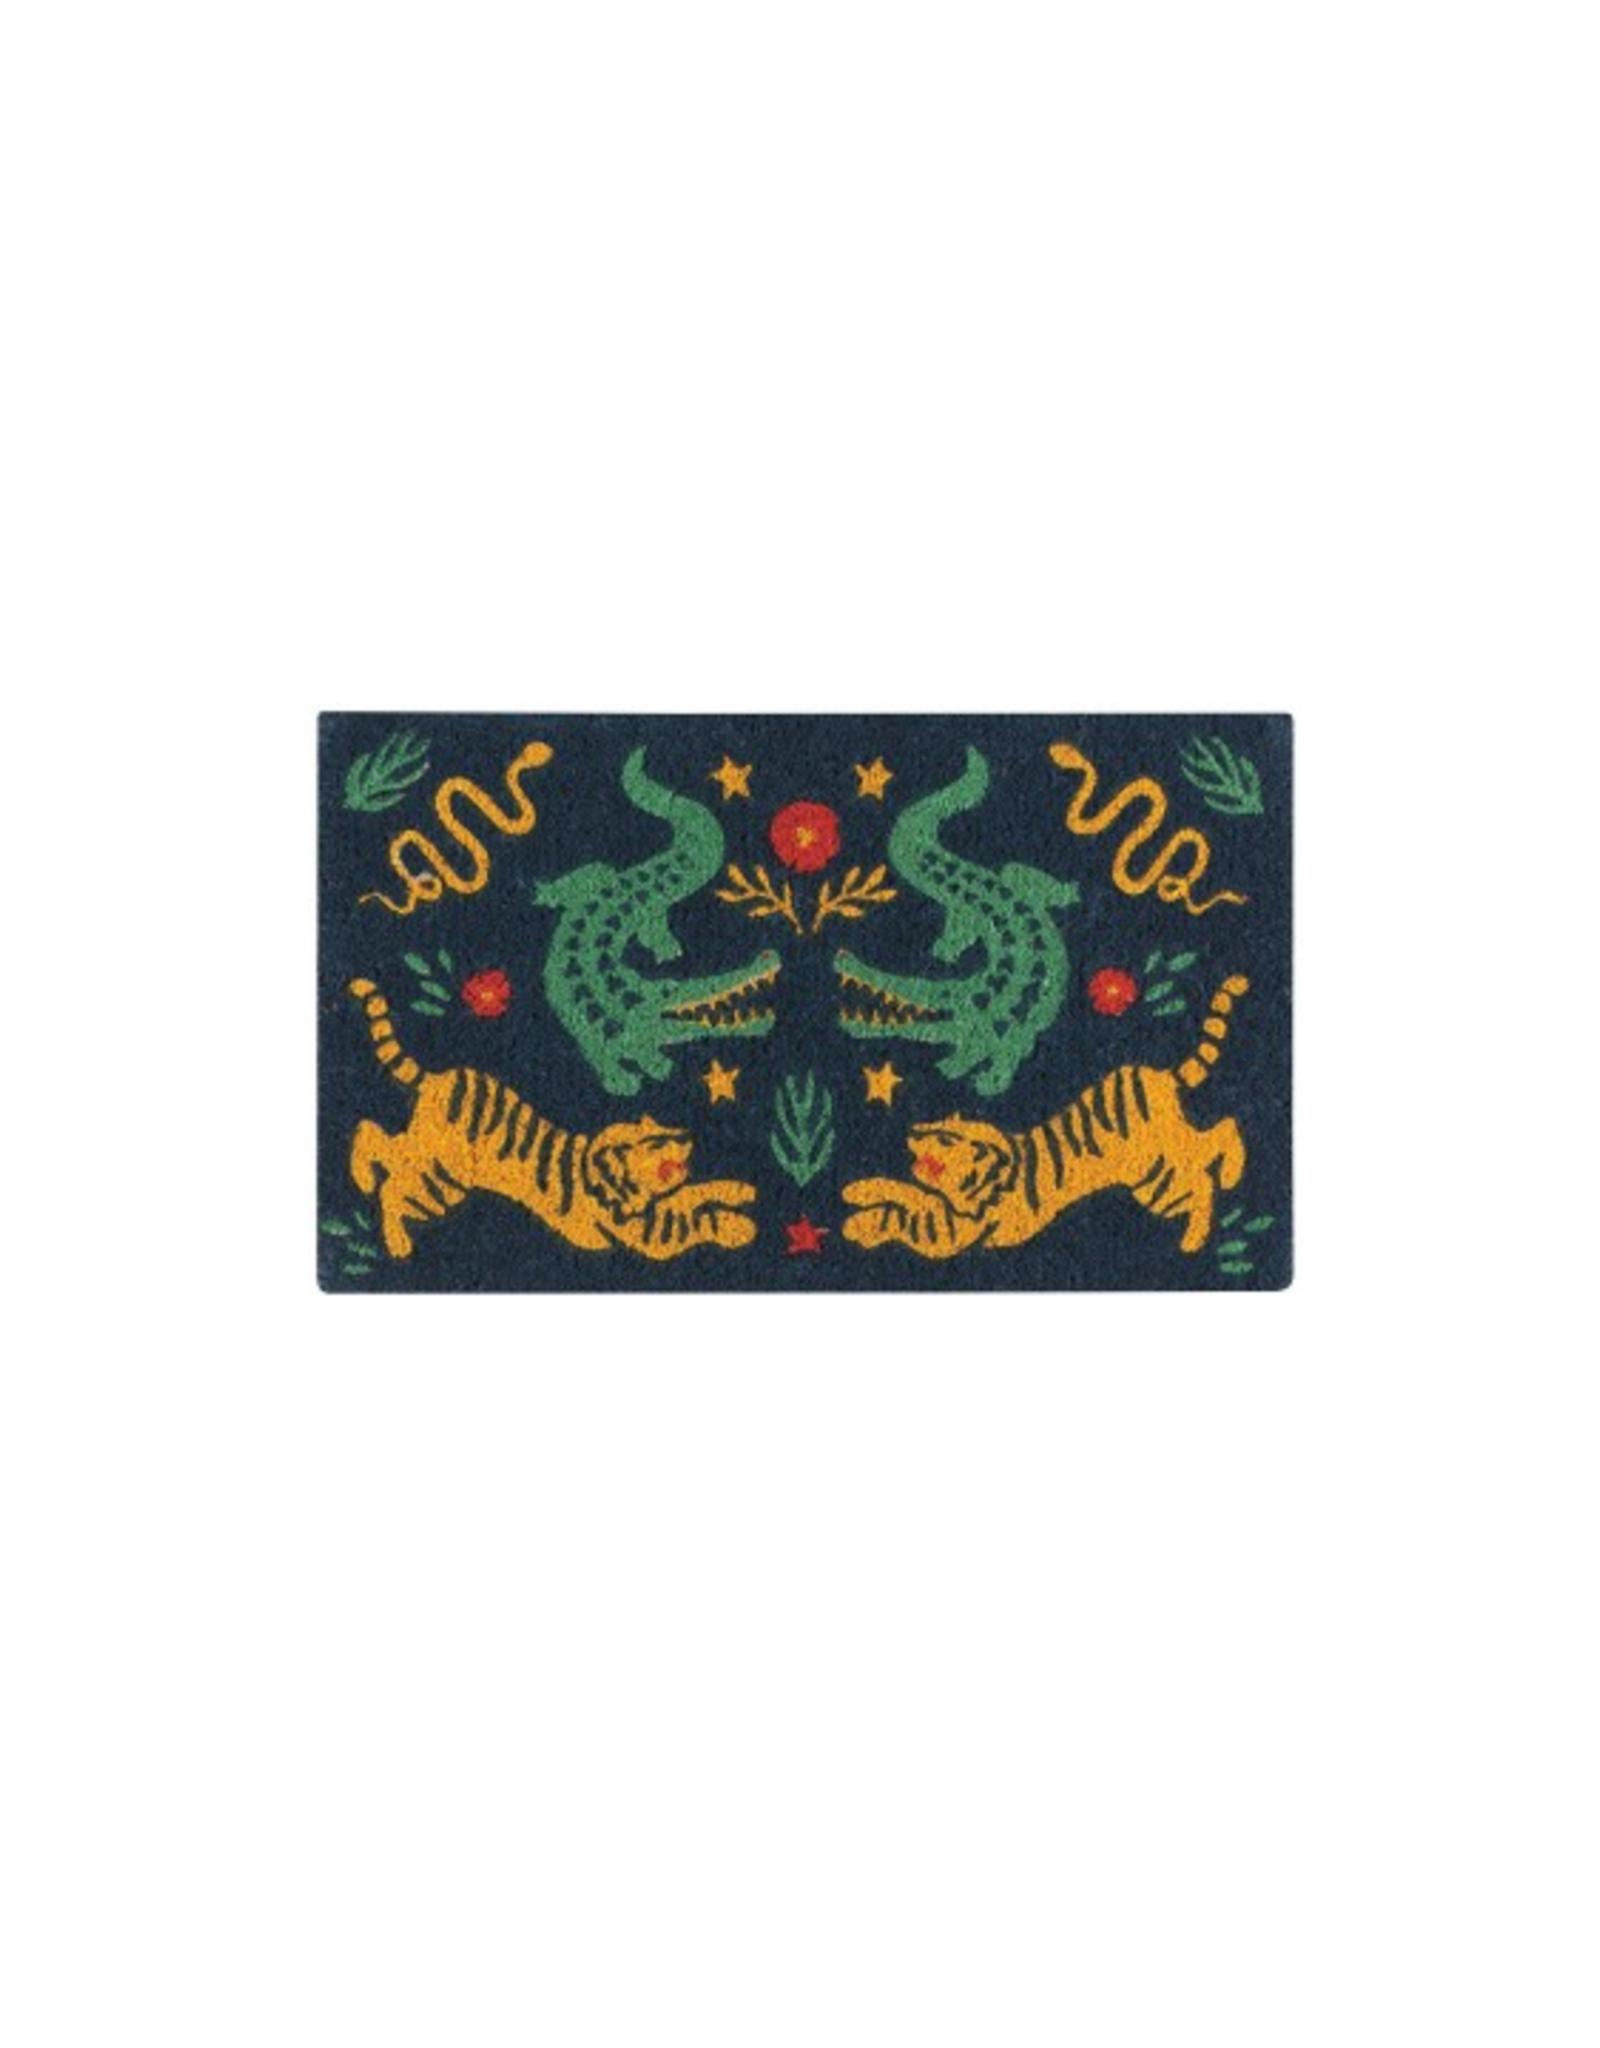 Fierce Tigers Doormat (CURBSIDE PICKUP ONLY)